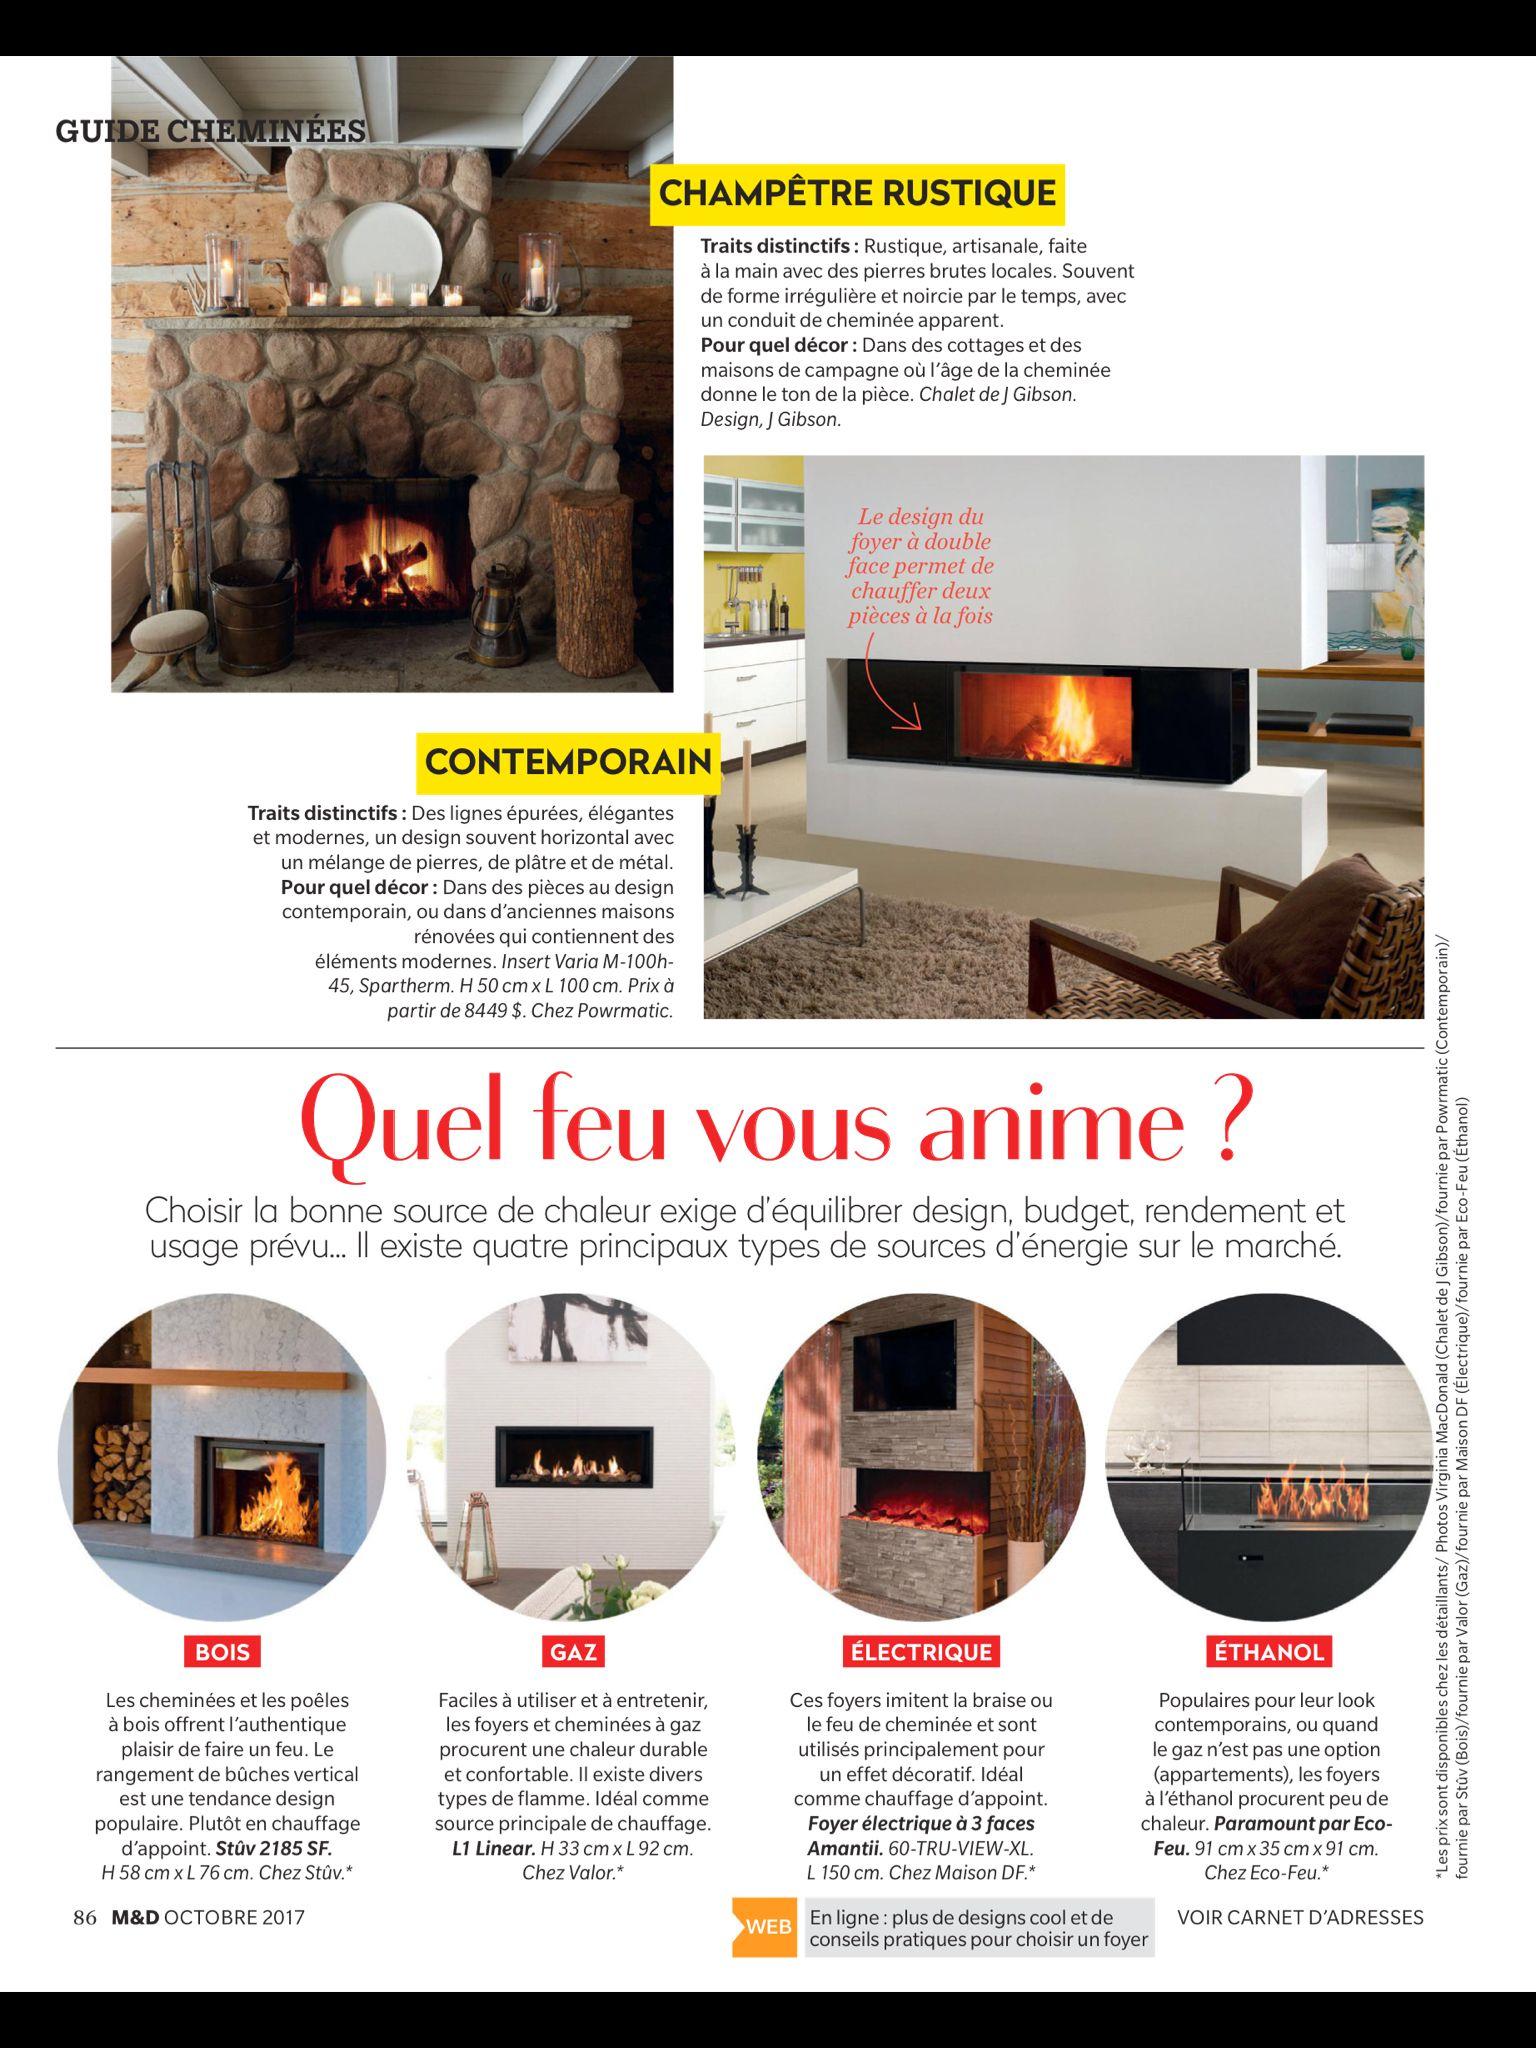 «Guide cheminées de M&D» de Maison & Demeure, Octobre 2017. Lisez-le sur l'appli Texture, qui vous donne accès à plus de 200 magazines de grande qualité.